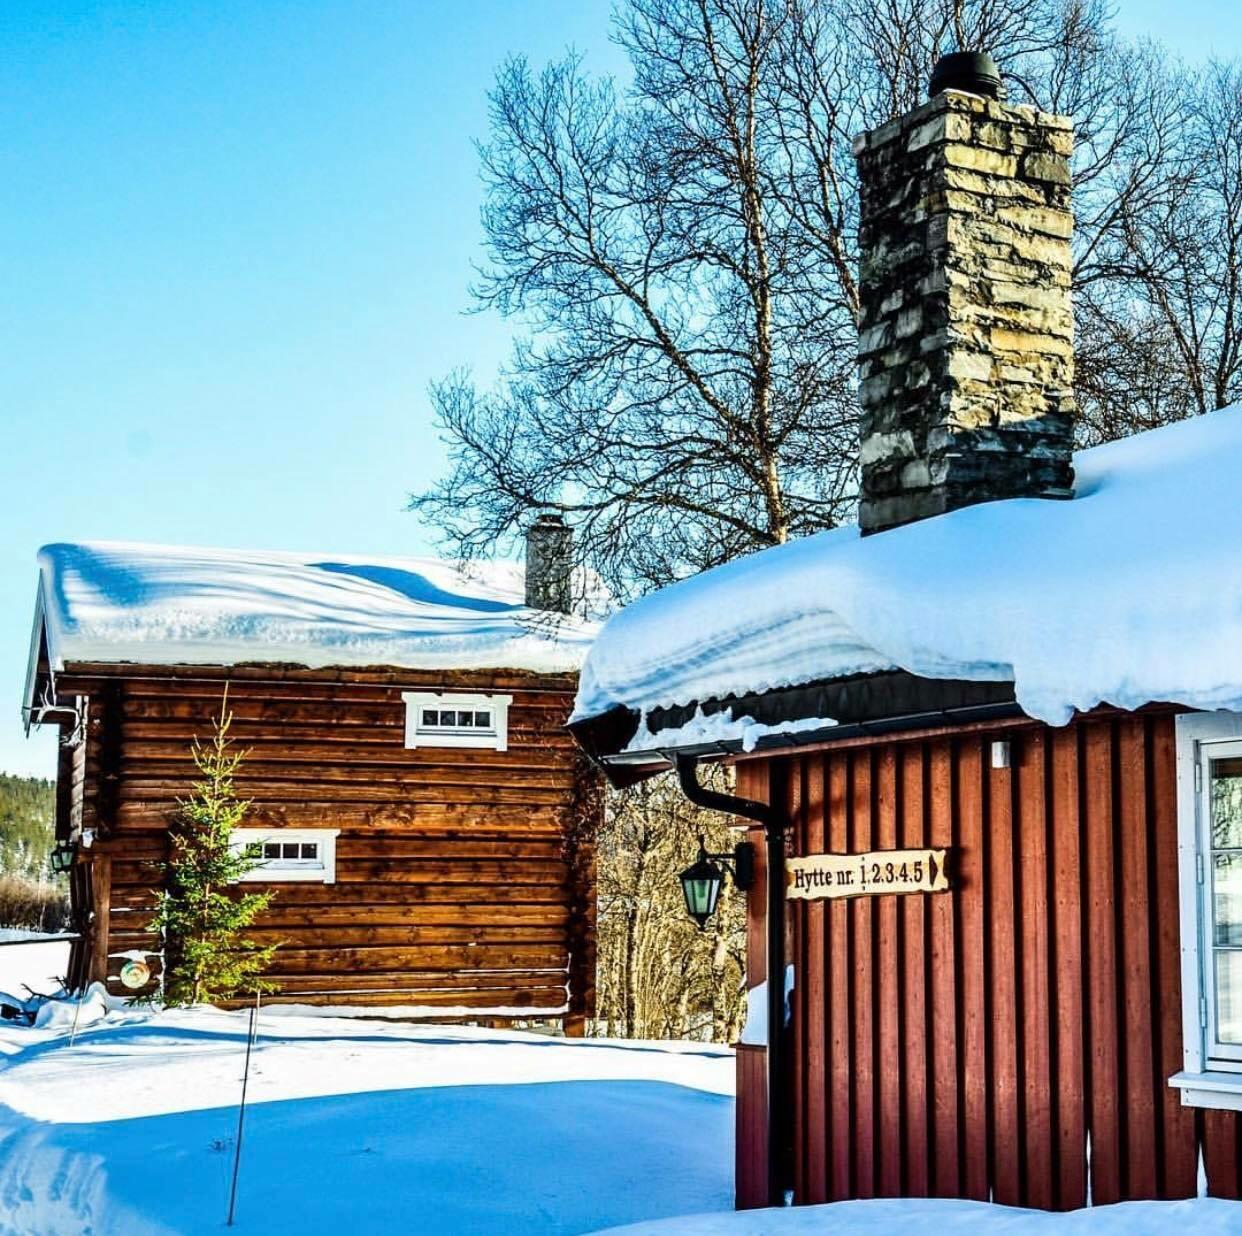 Rondane Gjestegård en idyll sommer som vinter.